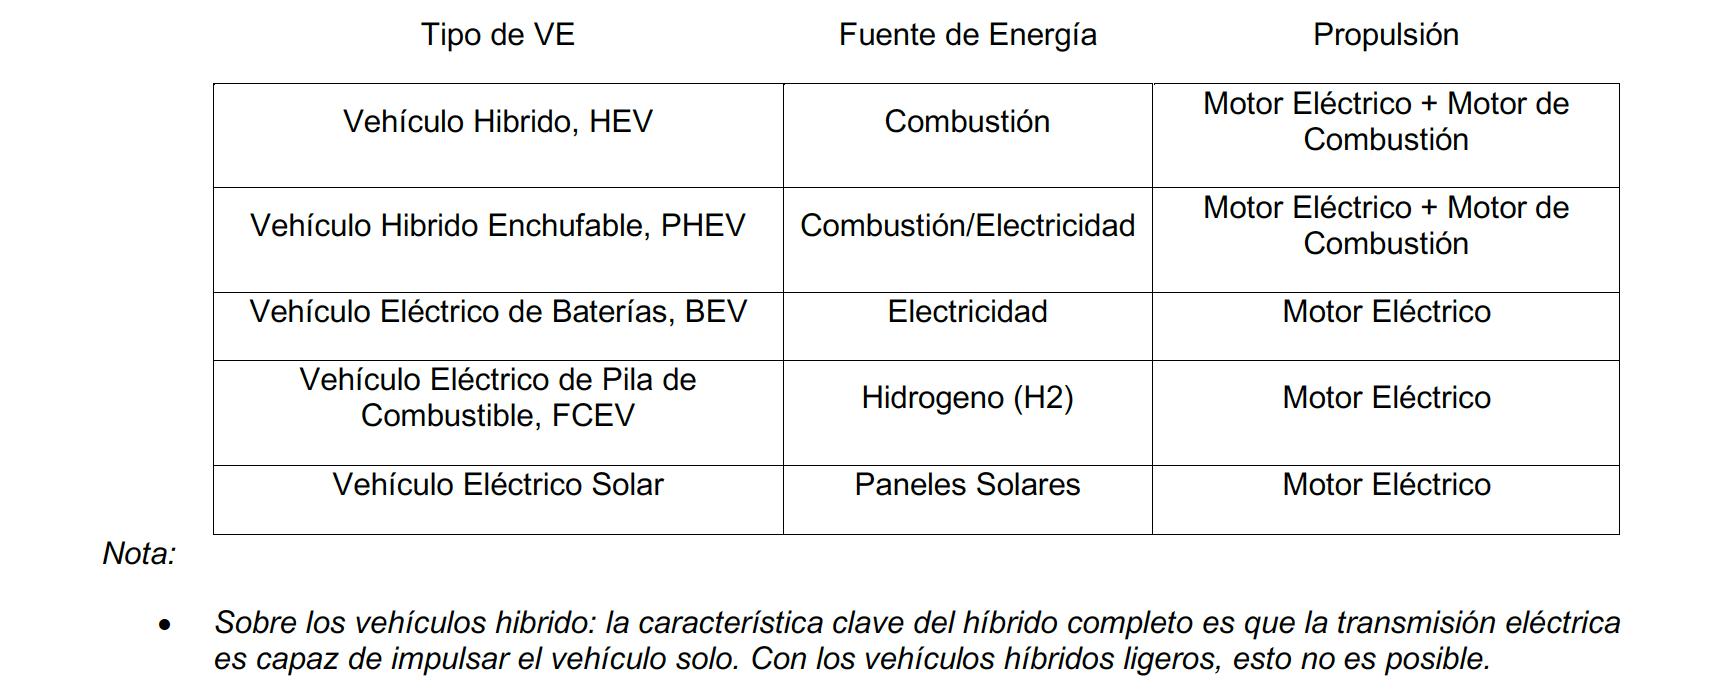 tabla tipos vehículos